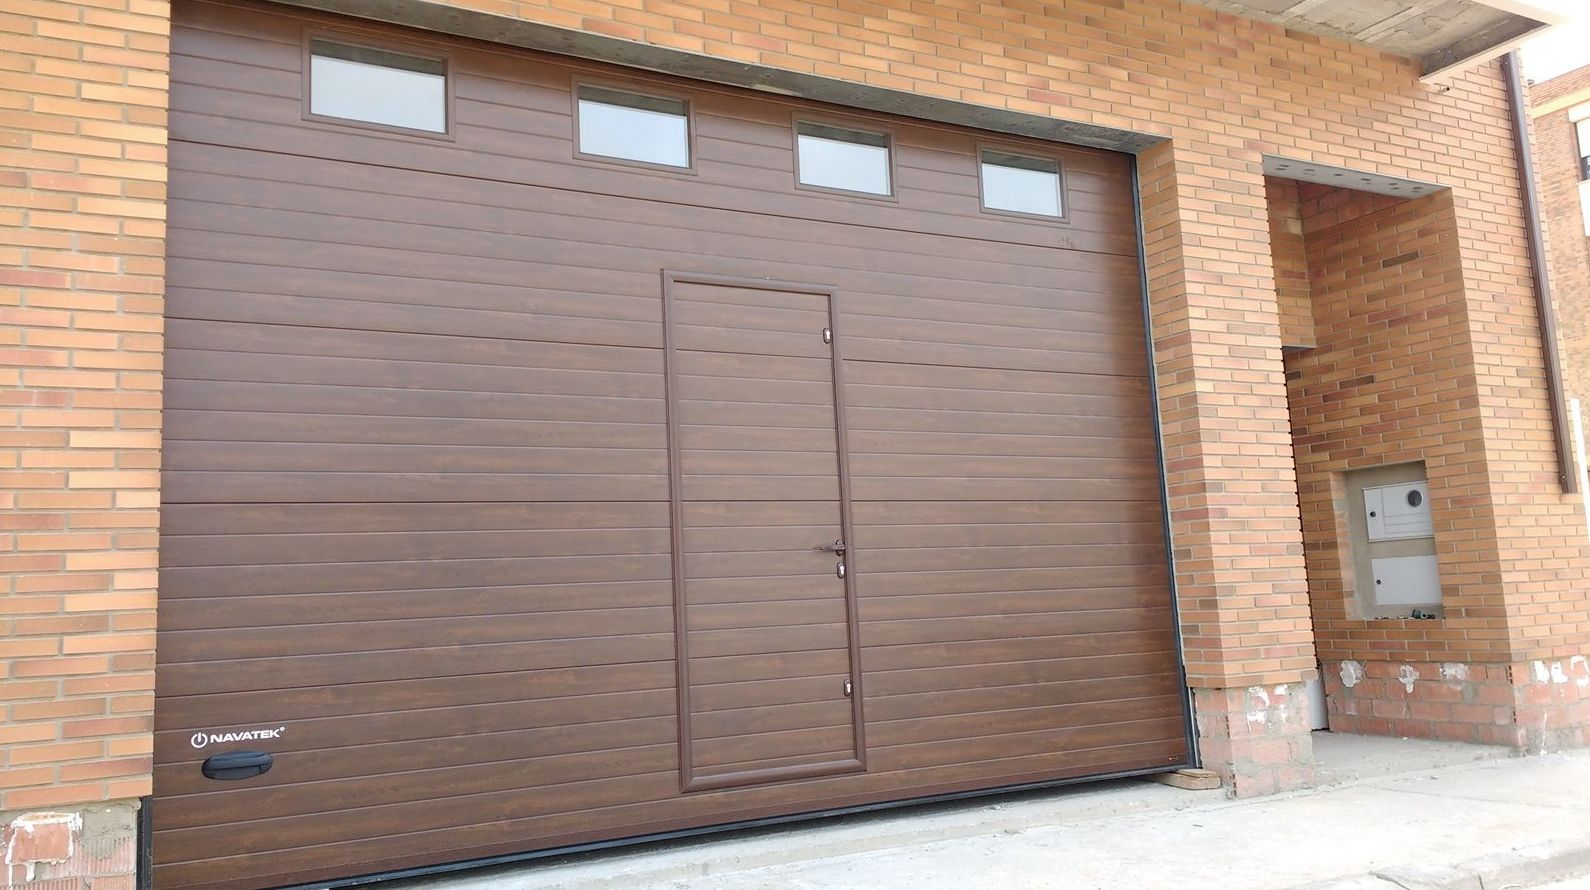 Foto 131 de Puertas automáticas en Galar | Navatek Puertas Automáticas, S.L.